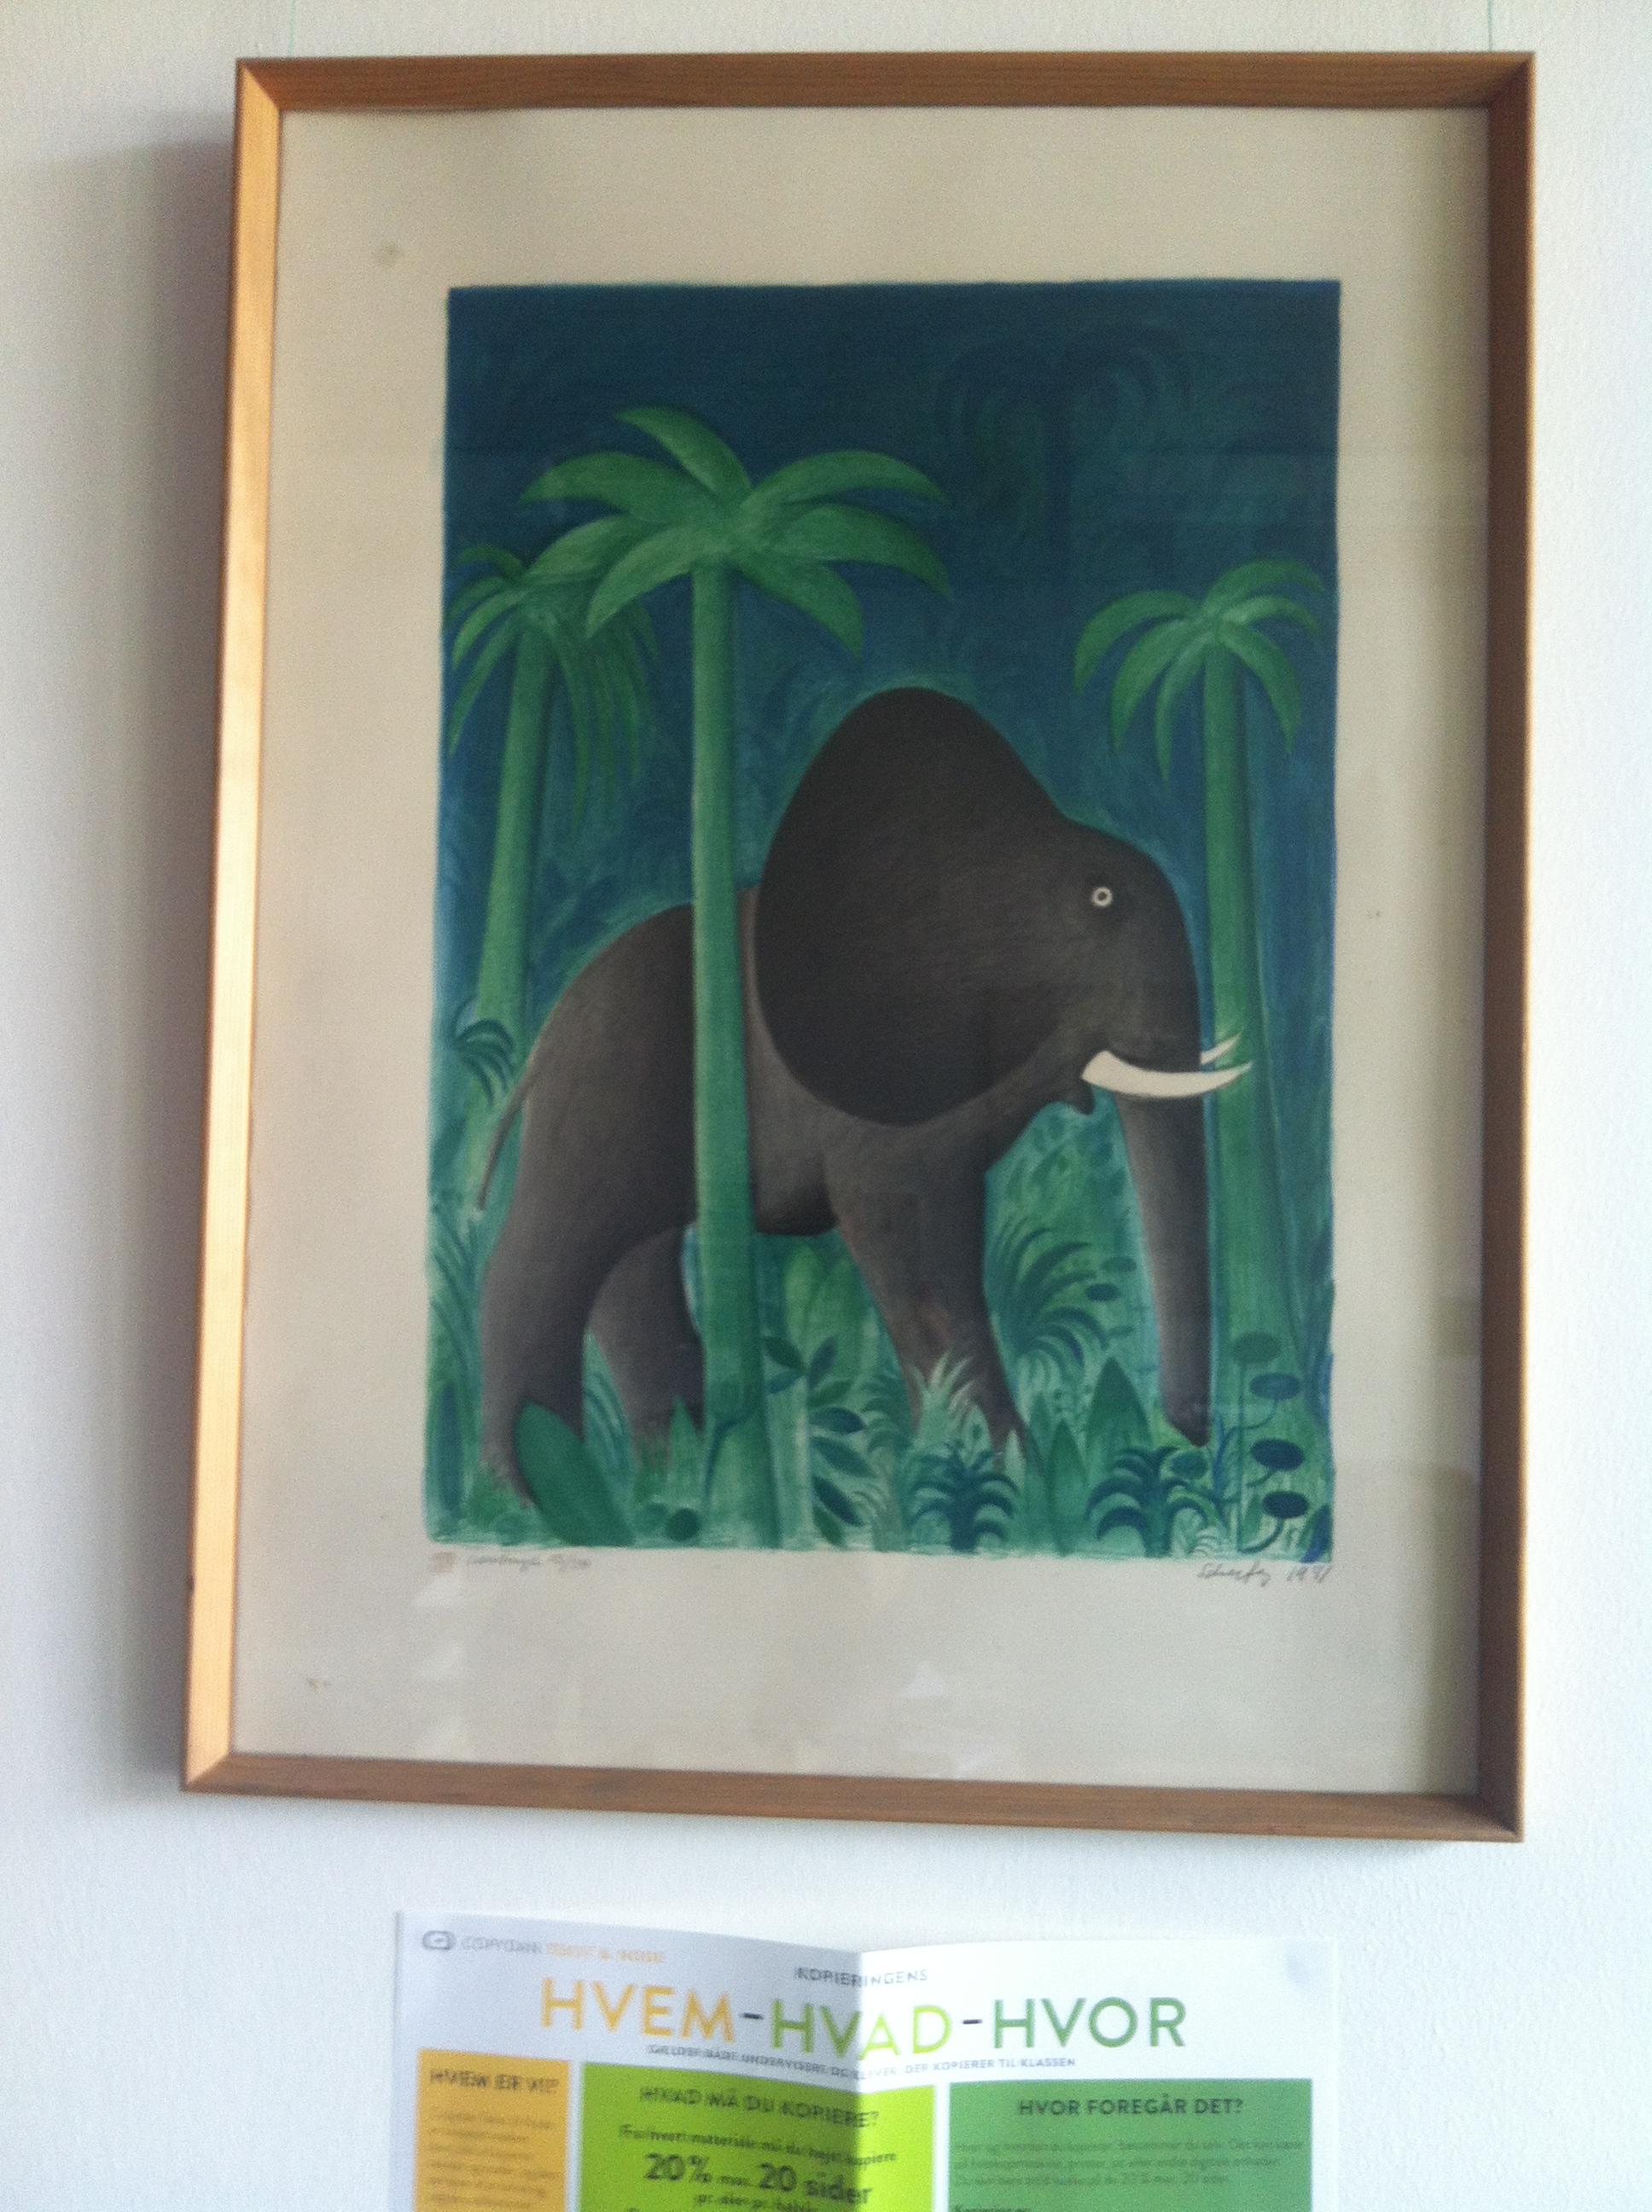 hans-scherfig-tegning-af-elefant-nr-65